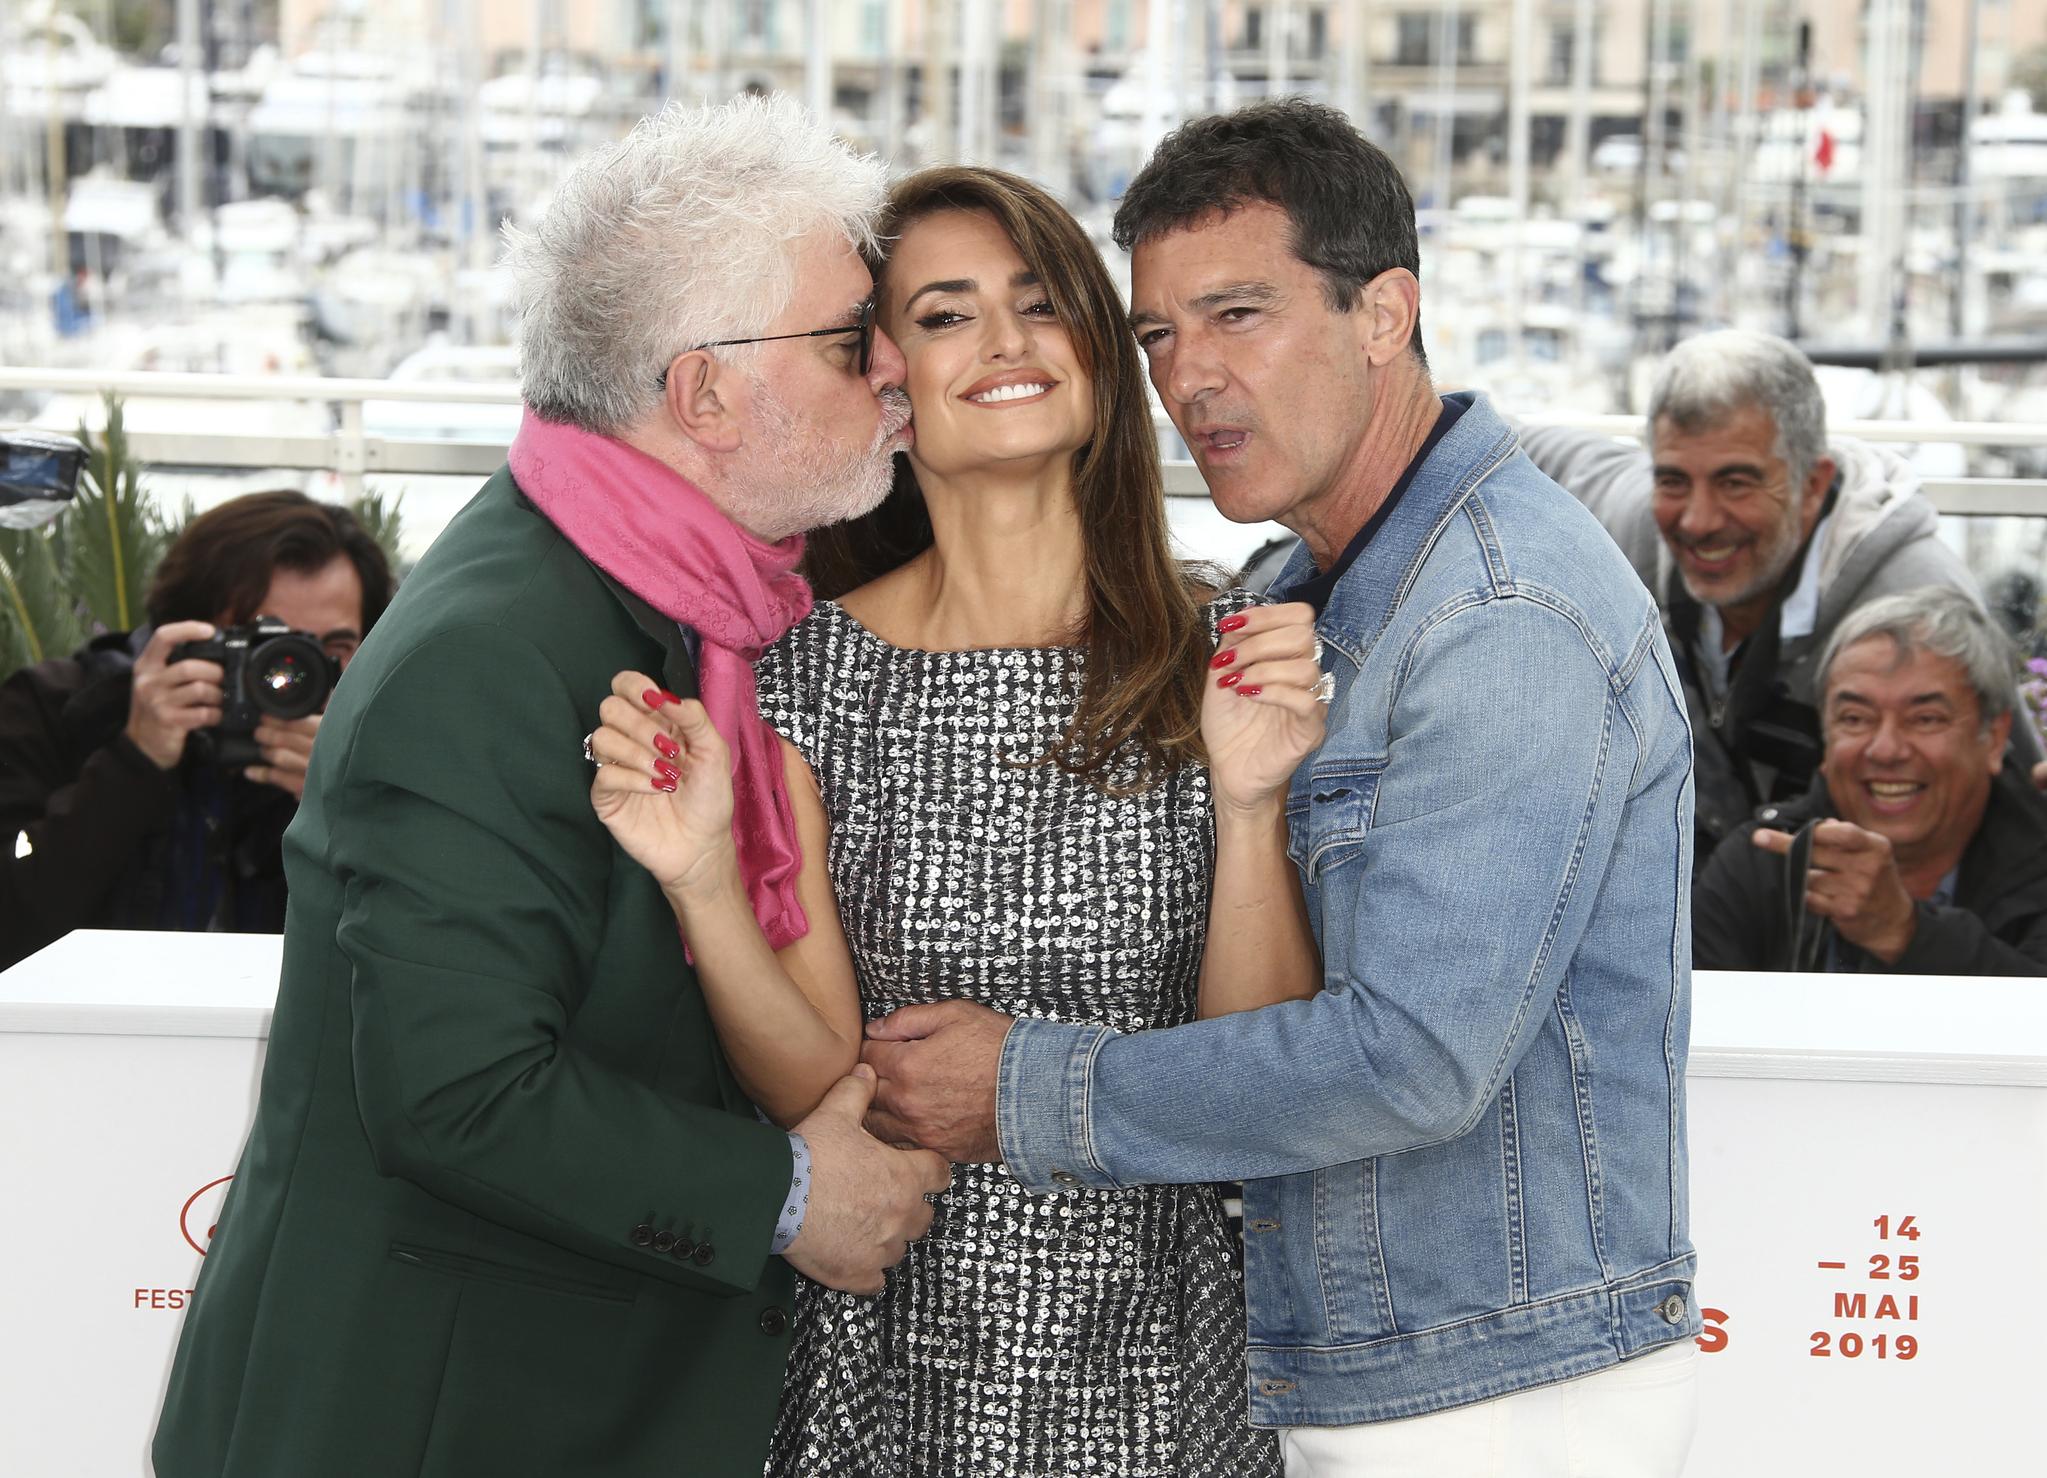 감독 페드로 알모도바르와 배우 페넬로페 크루즈, 안토니오 반데라스가 18일 오전(현지시간) 프랑스 칸 팔레 드 페스티발에서 열린 '제 72회 칸 국제영화제'(Cannes Film Festival) 경쟁부문 진출작 '페인 앤 글로리(Pain and Glory / 감독 페드로 알모도바르) 포토콜에 참석했다.[AP=연합뉴스]